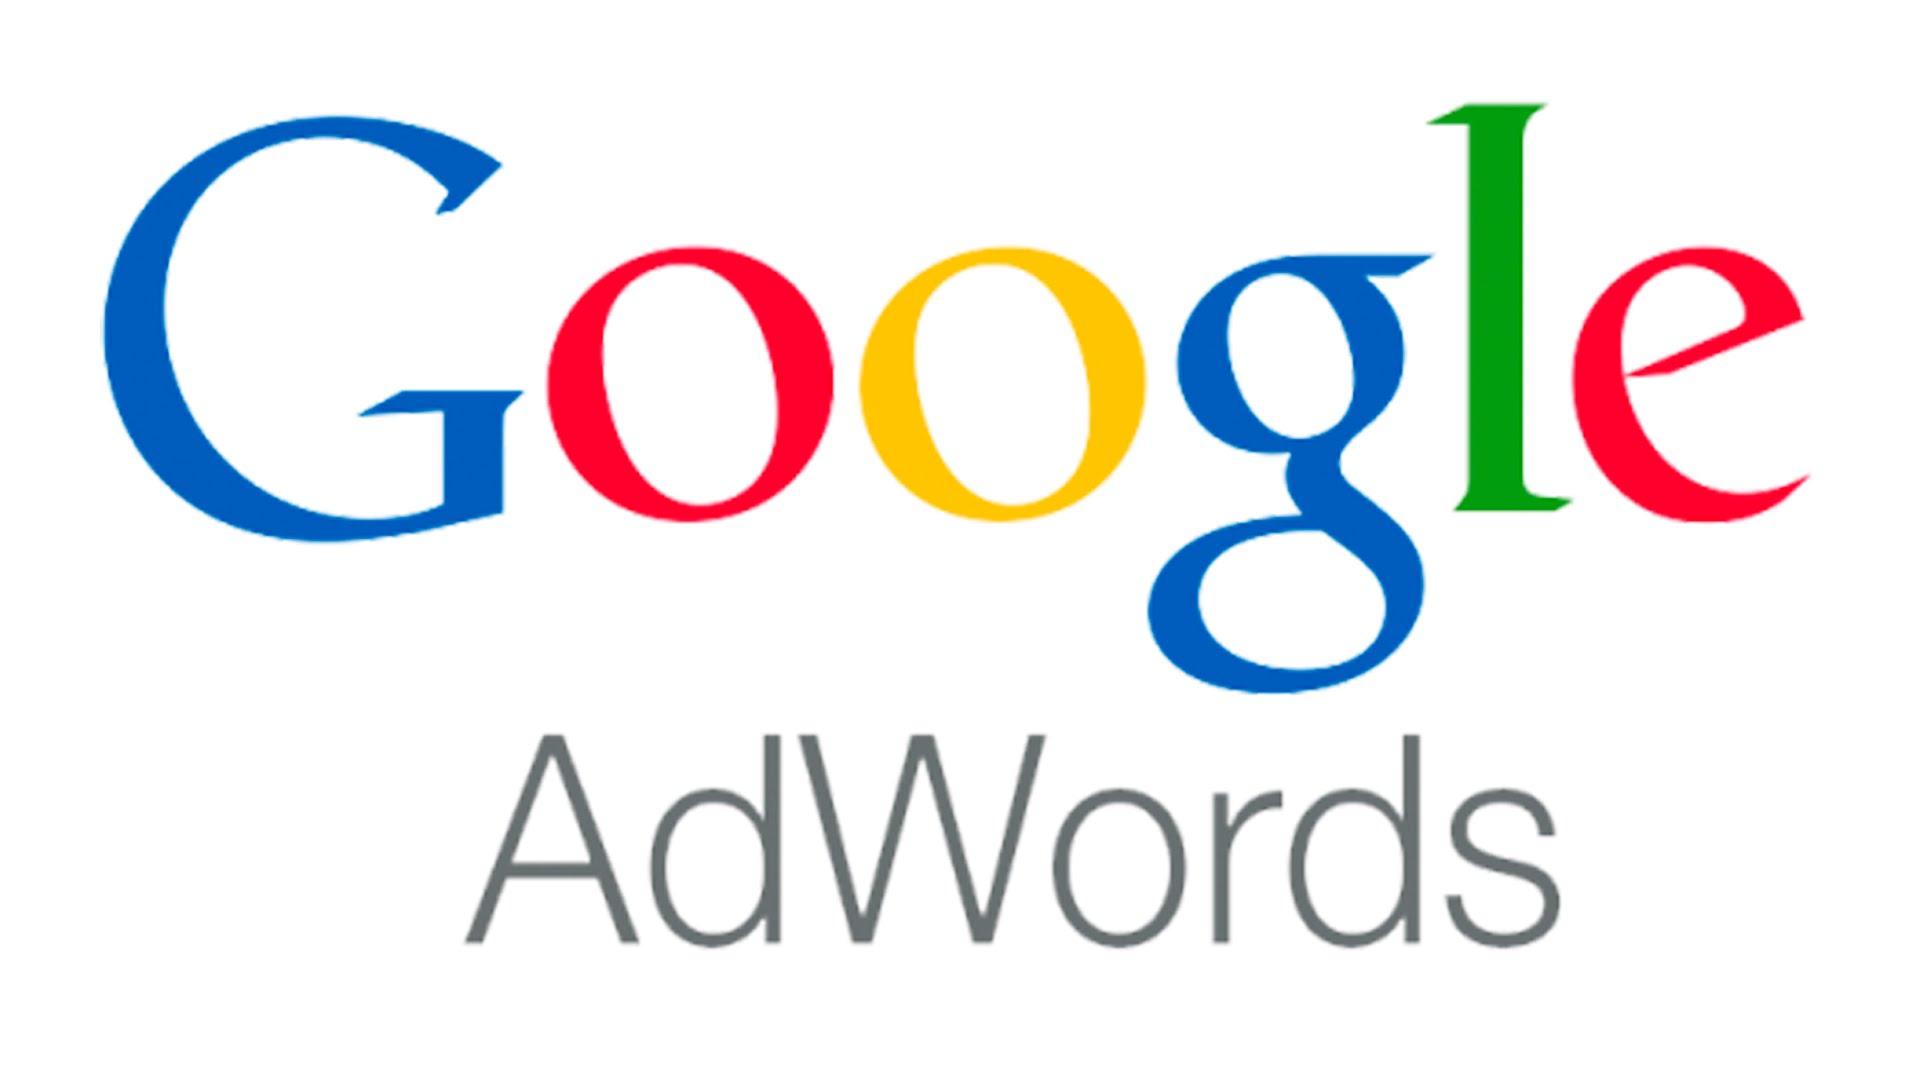 Google ปรับการทำงาน Remarketing ให้ทำงานข้ามอุปกรณ์ได้แล้ว